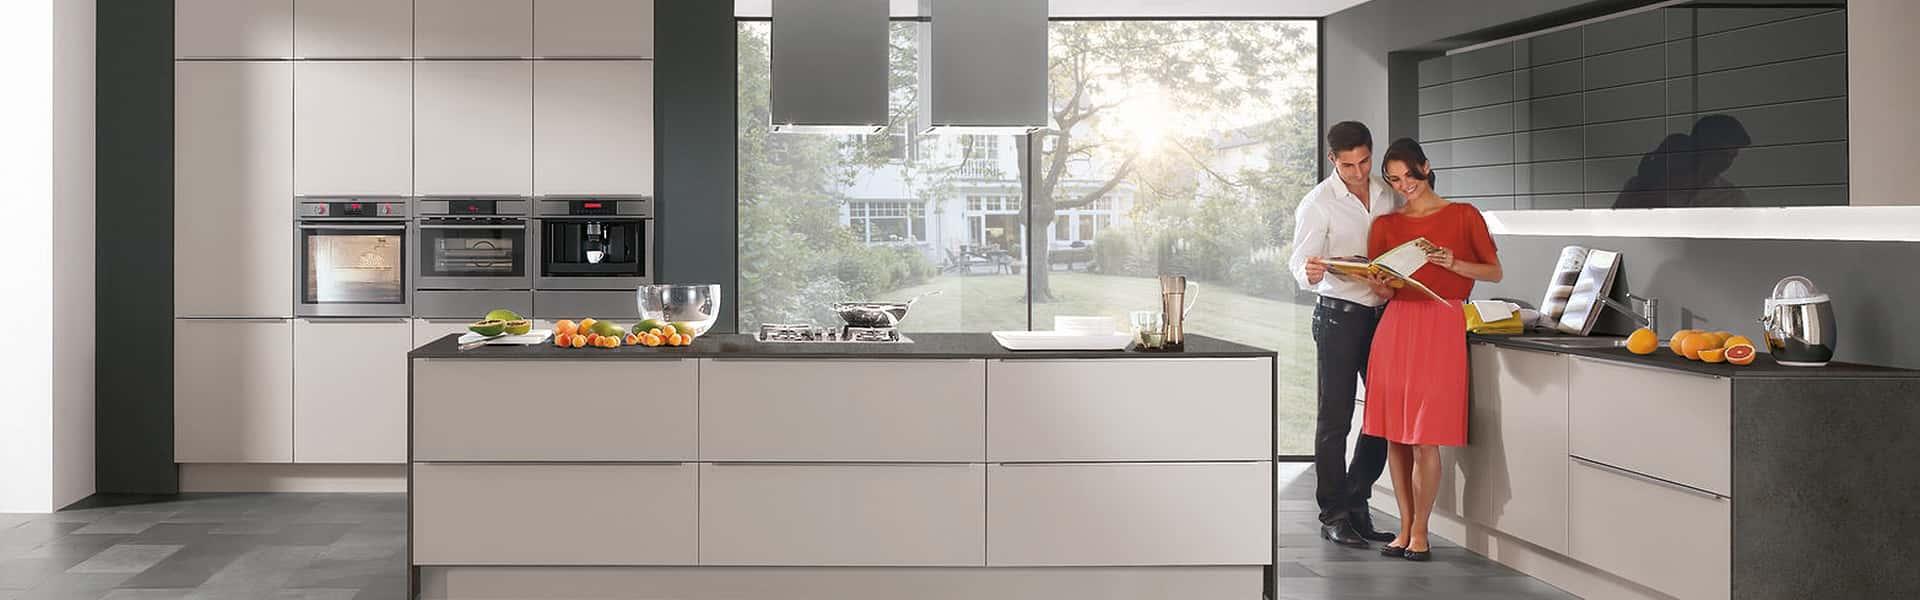 Full Size of Dachschräge Küche Planen Mömax Küche Planen Download Küche Planen Kostenlos Deckenbeleuchtung Küche Planen Küche Küche Planen